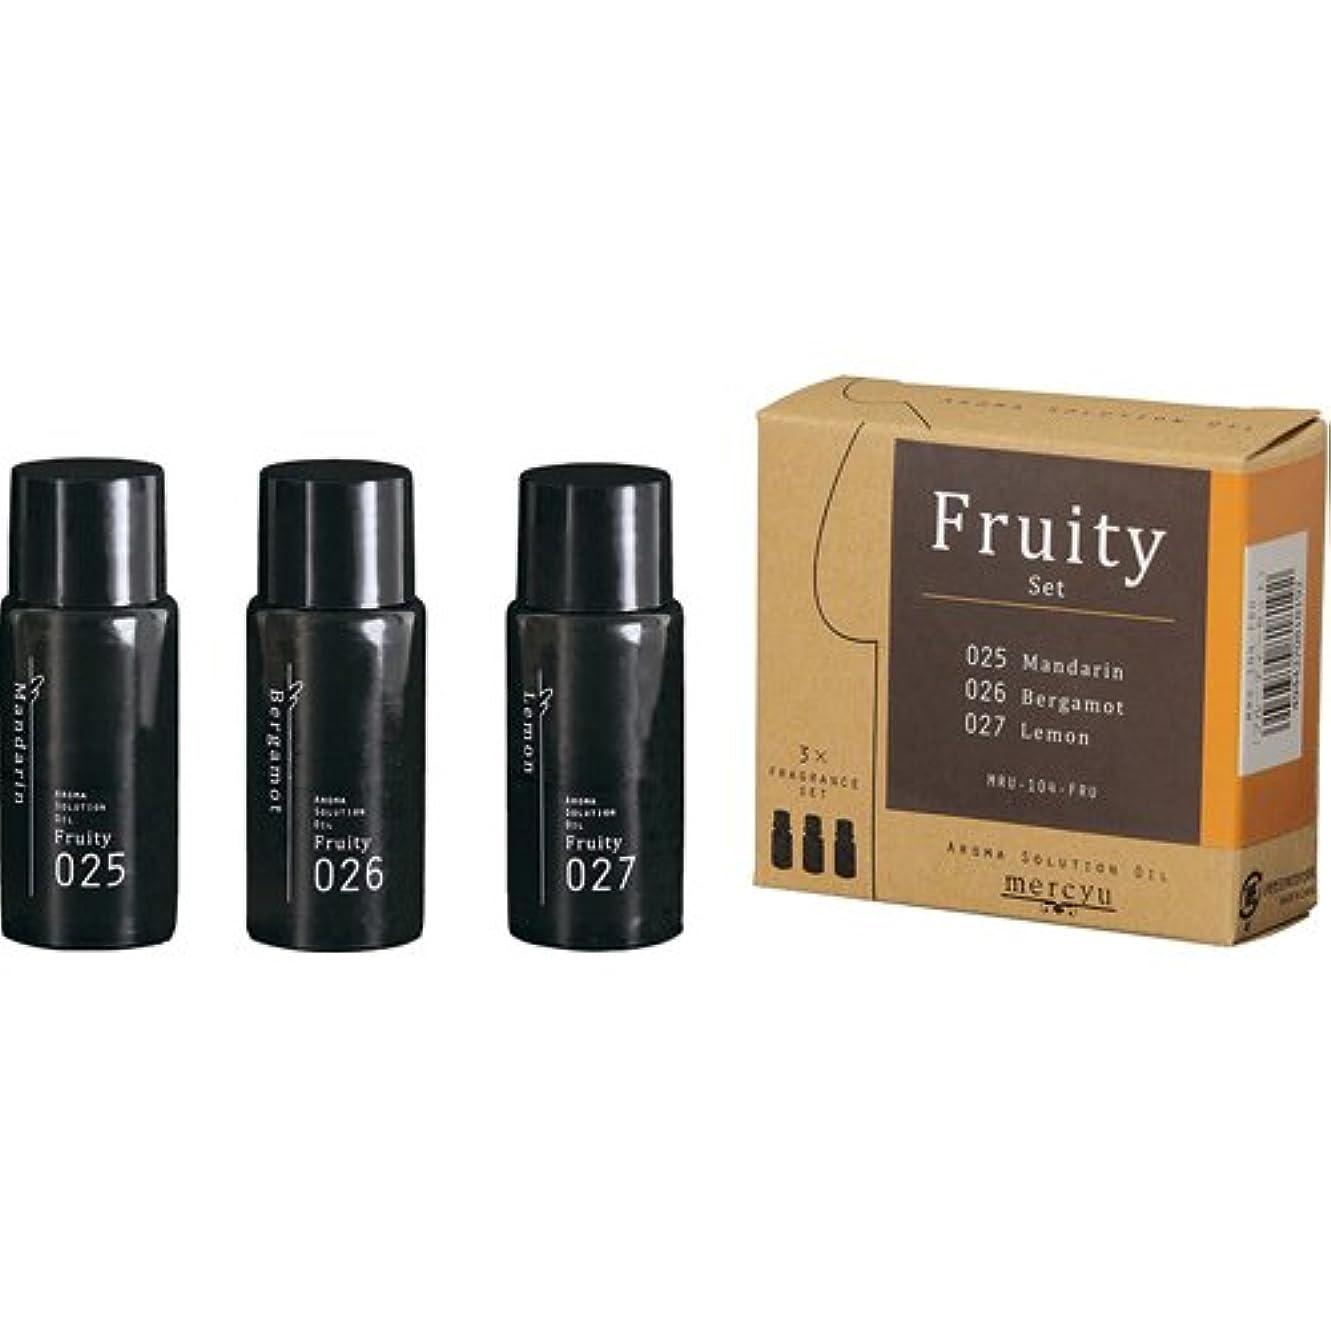 課すジャンピングジャック荒野アロマ ソリューション オイル Fruity (025ベルガモット/026レモン/027マンダリン) MRU-104-FRU